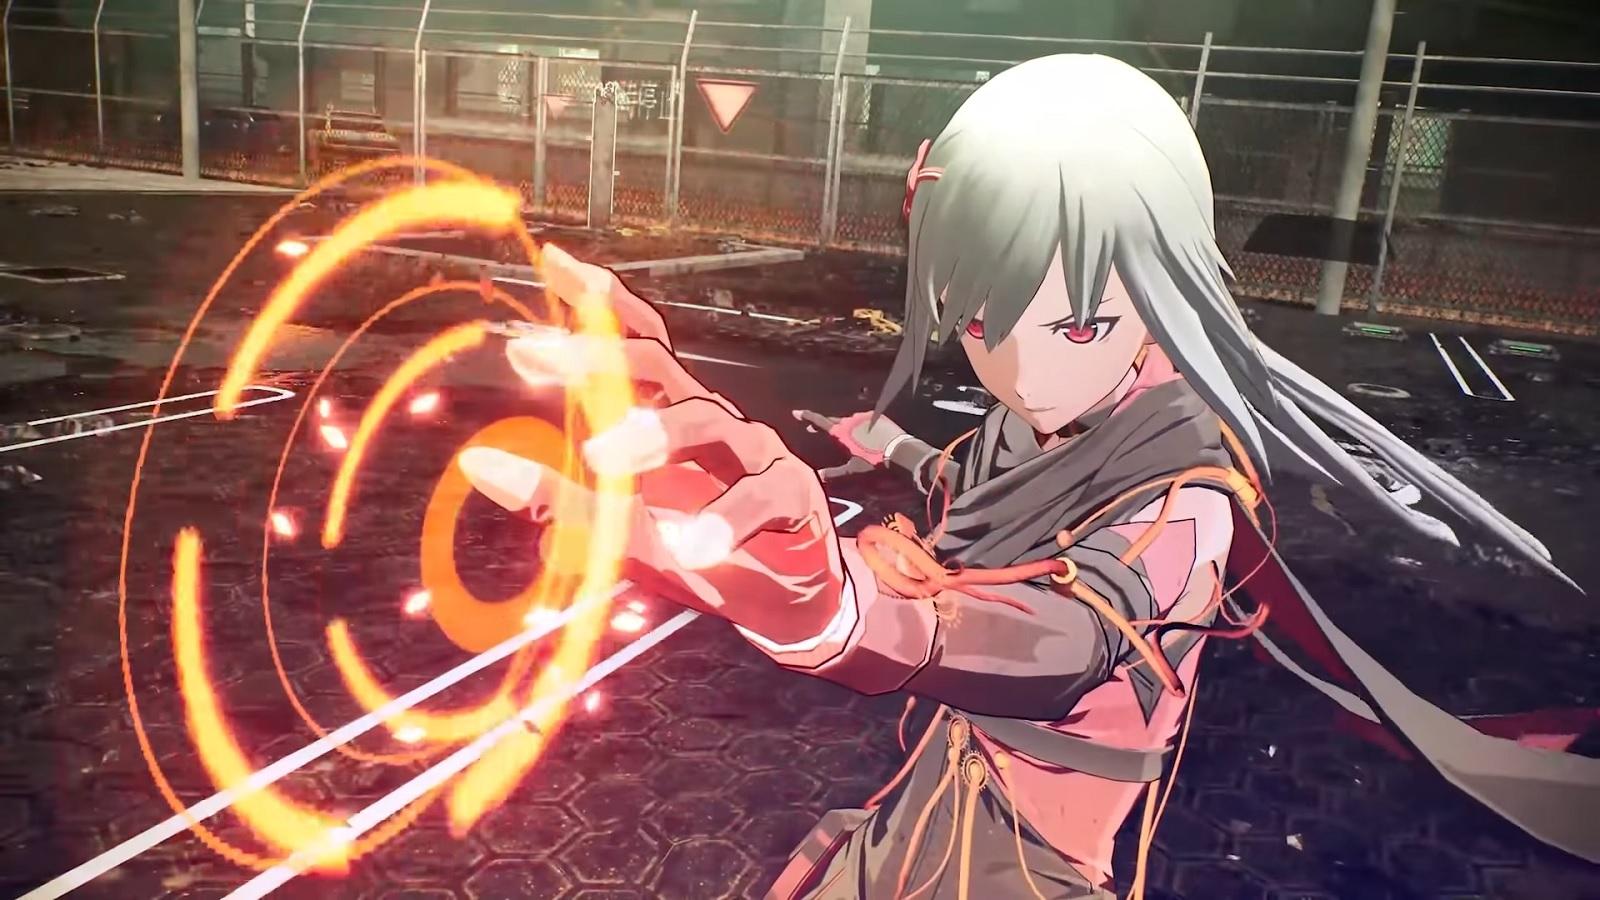 Японский ролевой боевик Scarlet Nexus дебютирует 25 июня, а летом состоится премьера аниме-сериала по мотивам